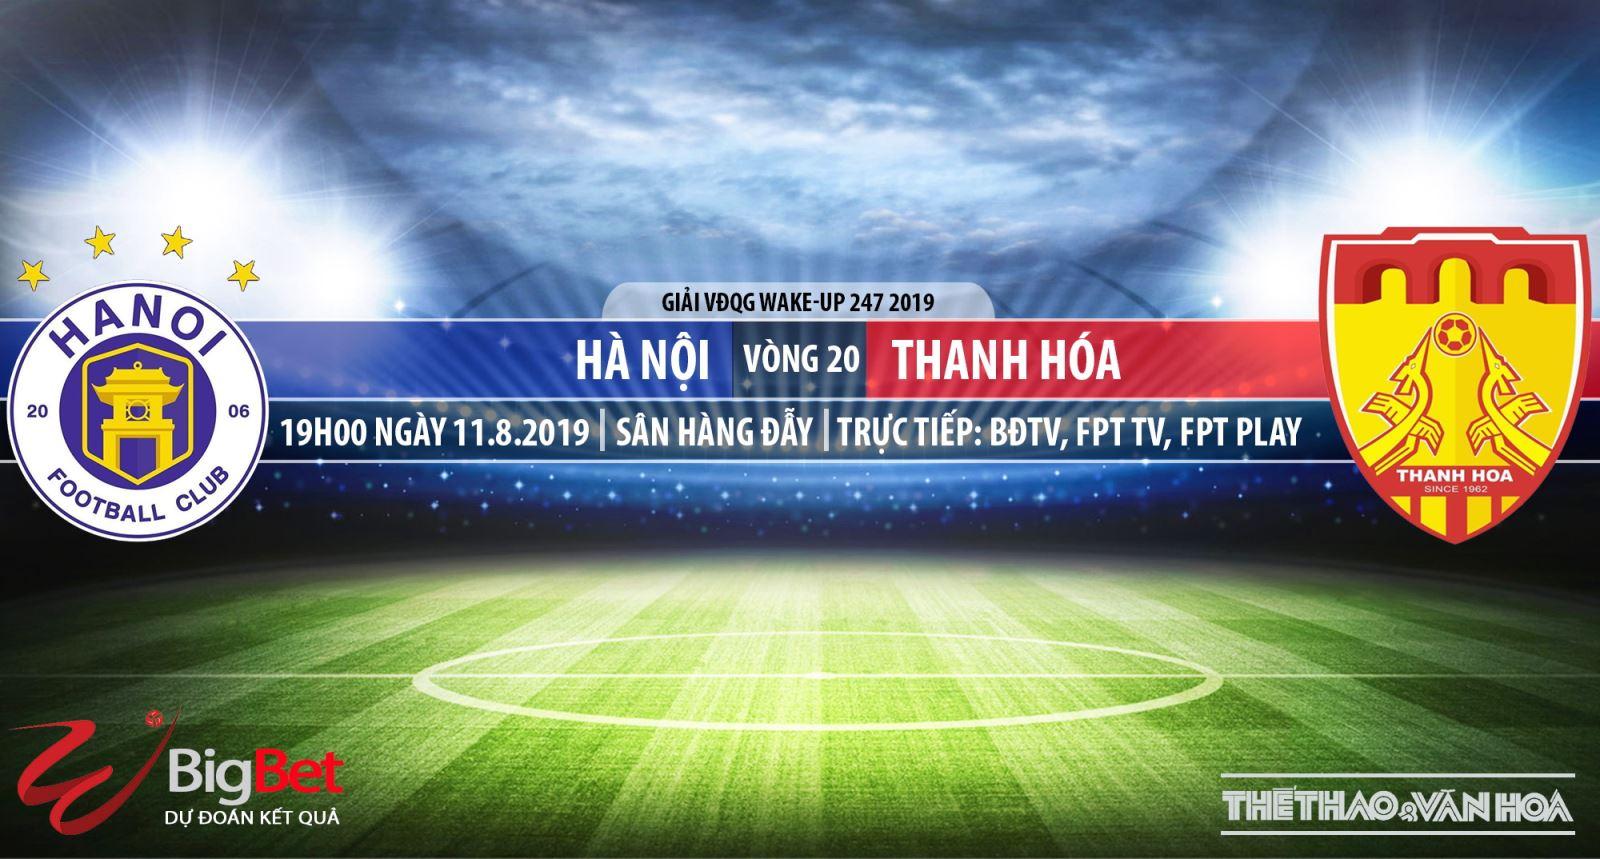 trực tiếp bóng đá, truc tiep bong da, Hà Nội vs Thanh Hóa, Trực tiếp Hà Nội đấu với Thanh Hóa, kèo Hà Nội vs Thanh Hóa, V-League 2019, VTV6, Bóng đá TV, FPT Play, bong da